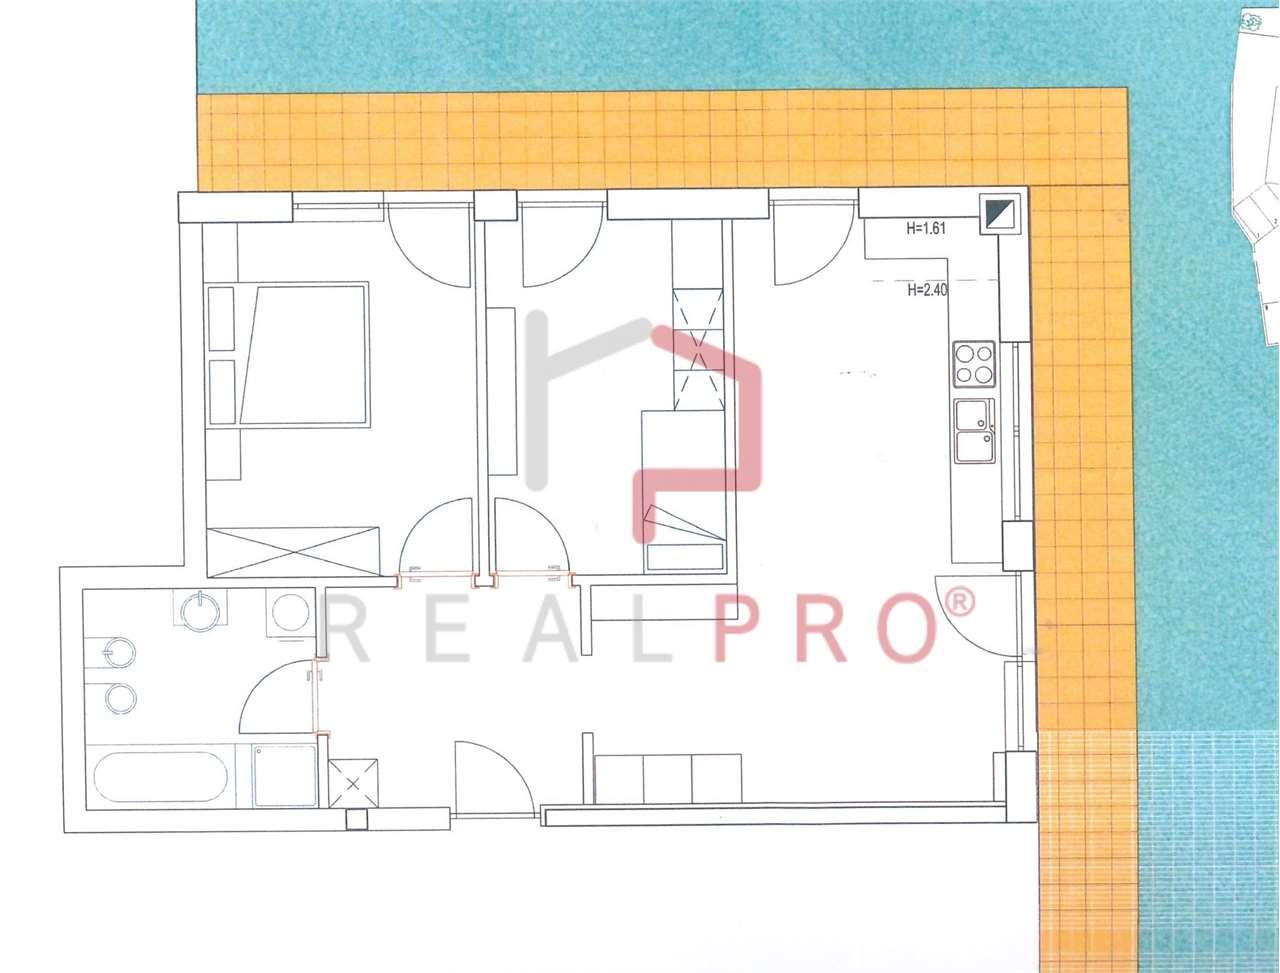 Appartamento in vendita a Villabassa, 3 locali, zona Località: Villabassa, prezzo € 442.000 | CambioCasa.it